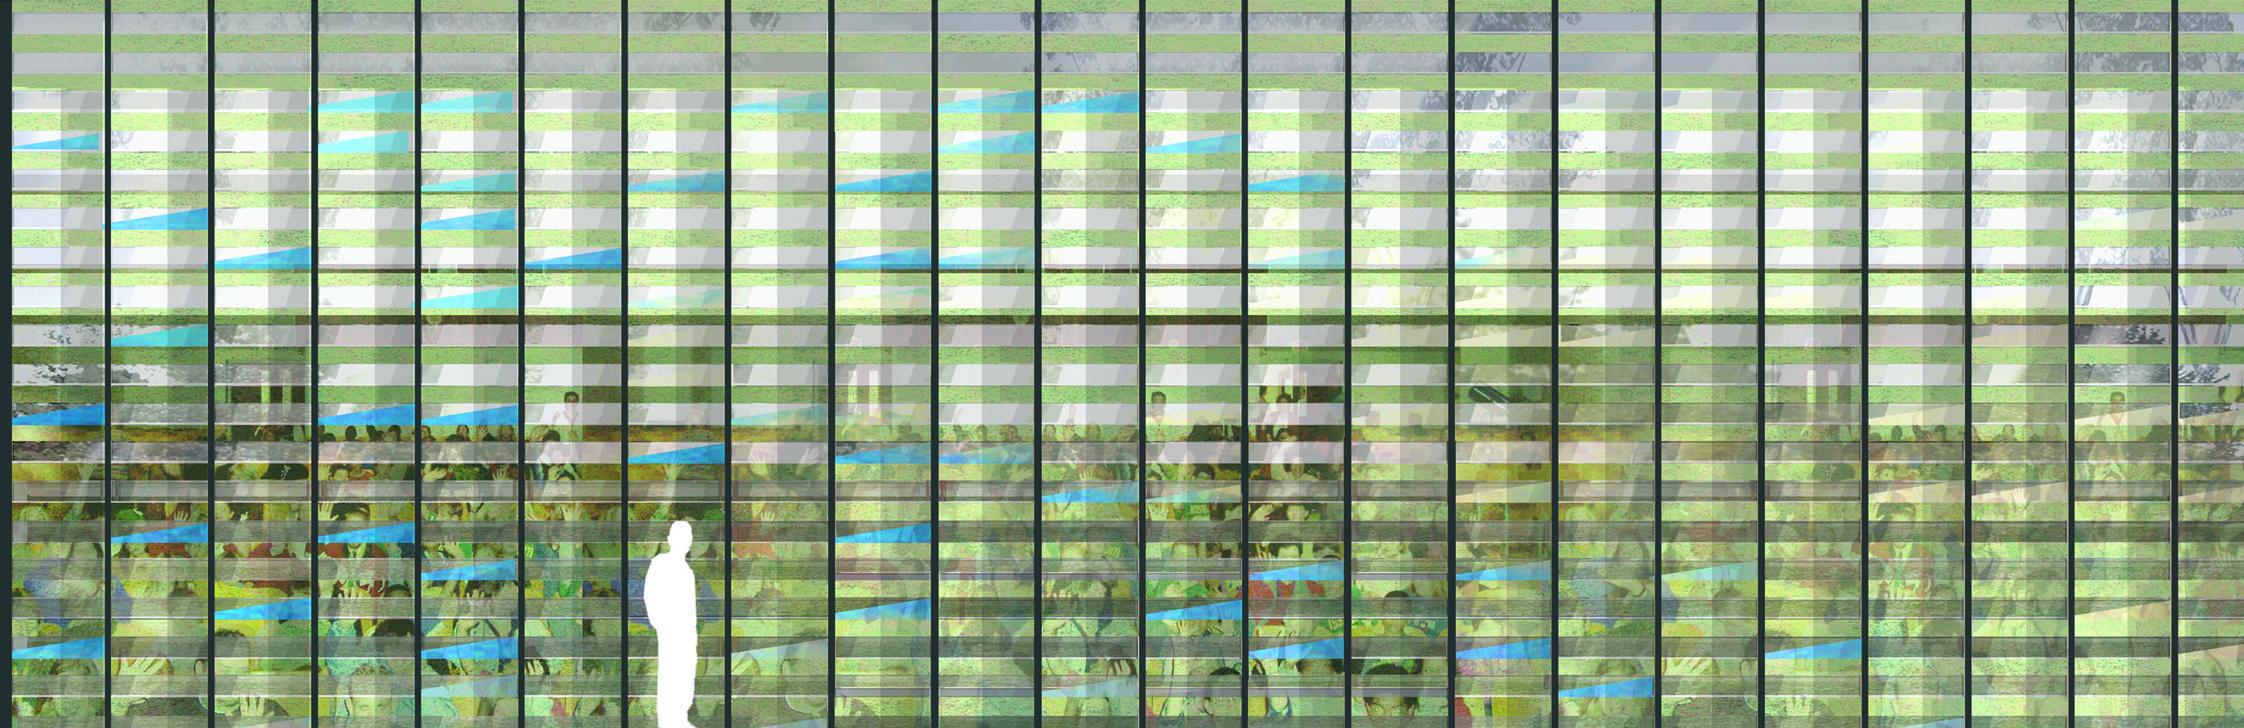 DameronArchitecture_WestchesterTemple_10.jpg